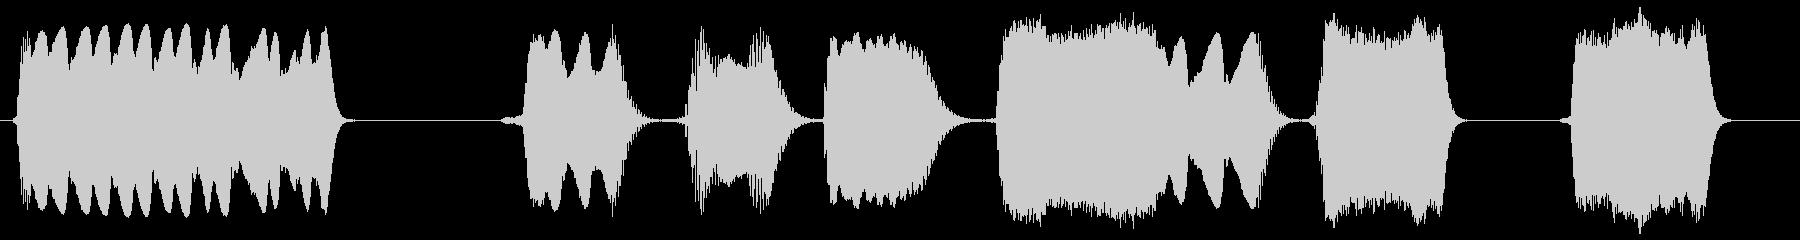 ブロークンスタティックスライススイープ3の未再生の波形